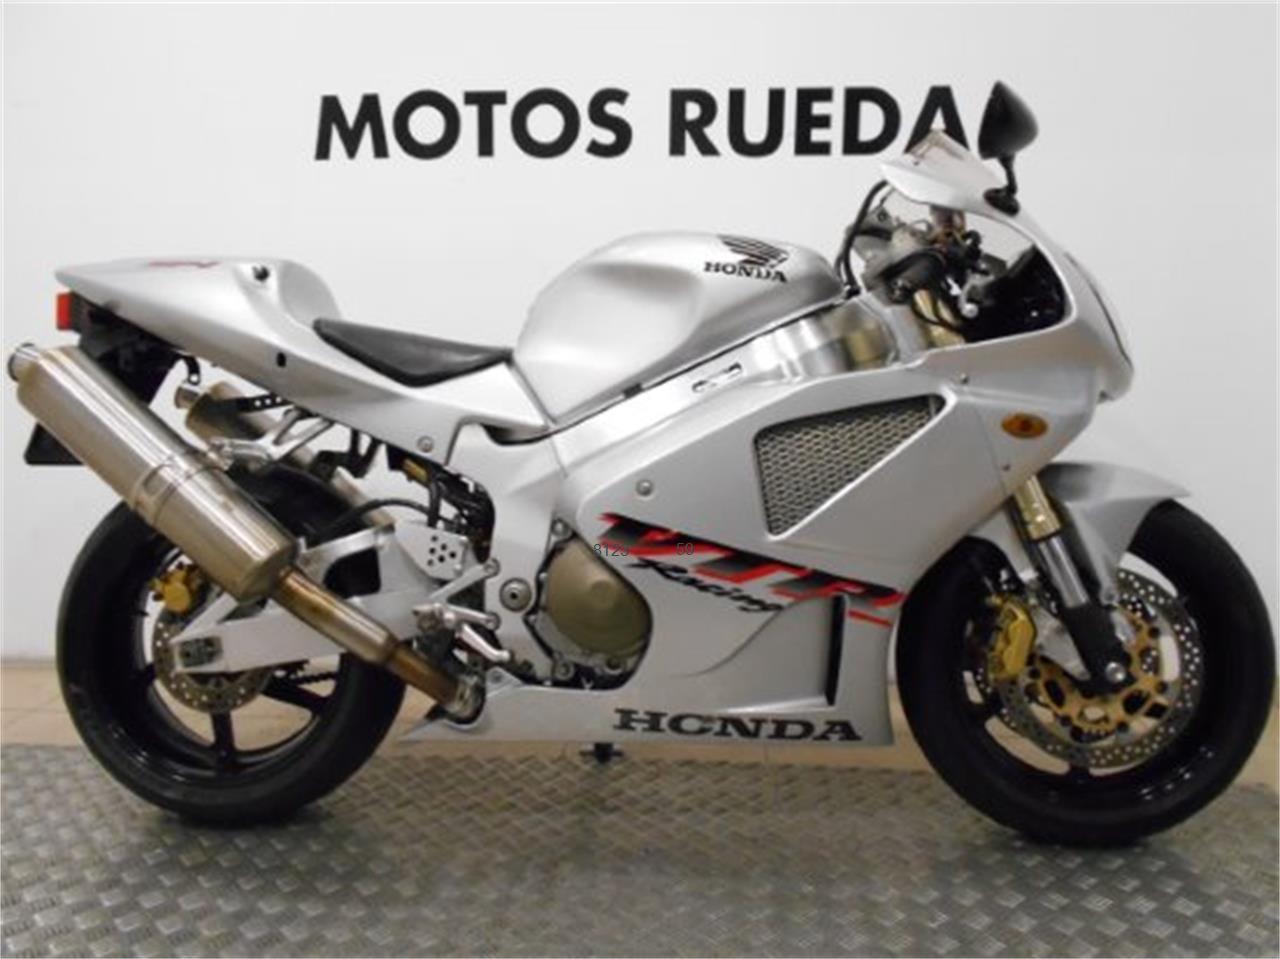 HONDA VTR 1000 SP 1